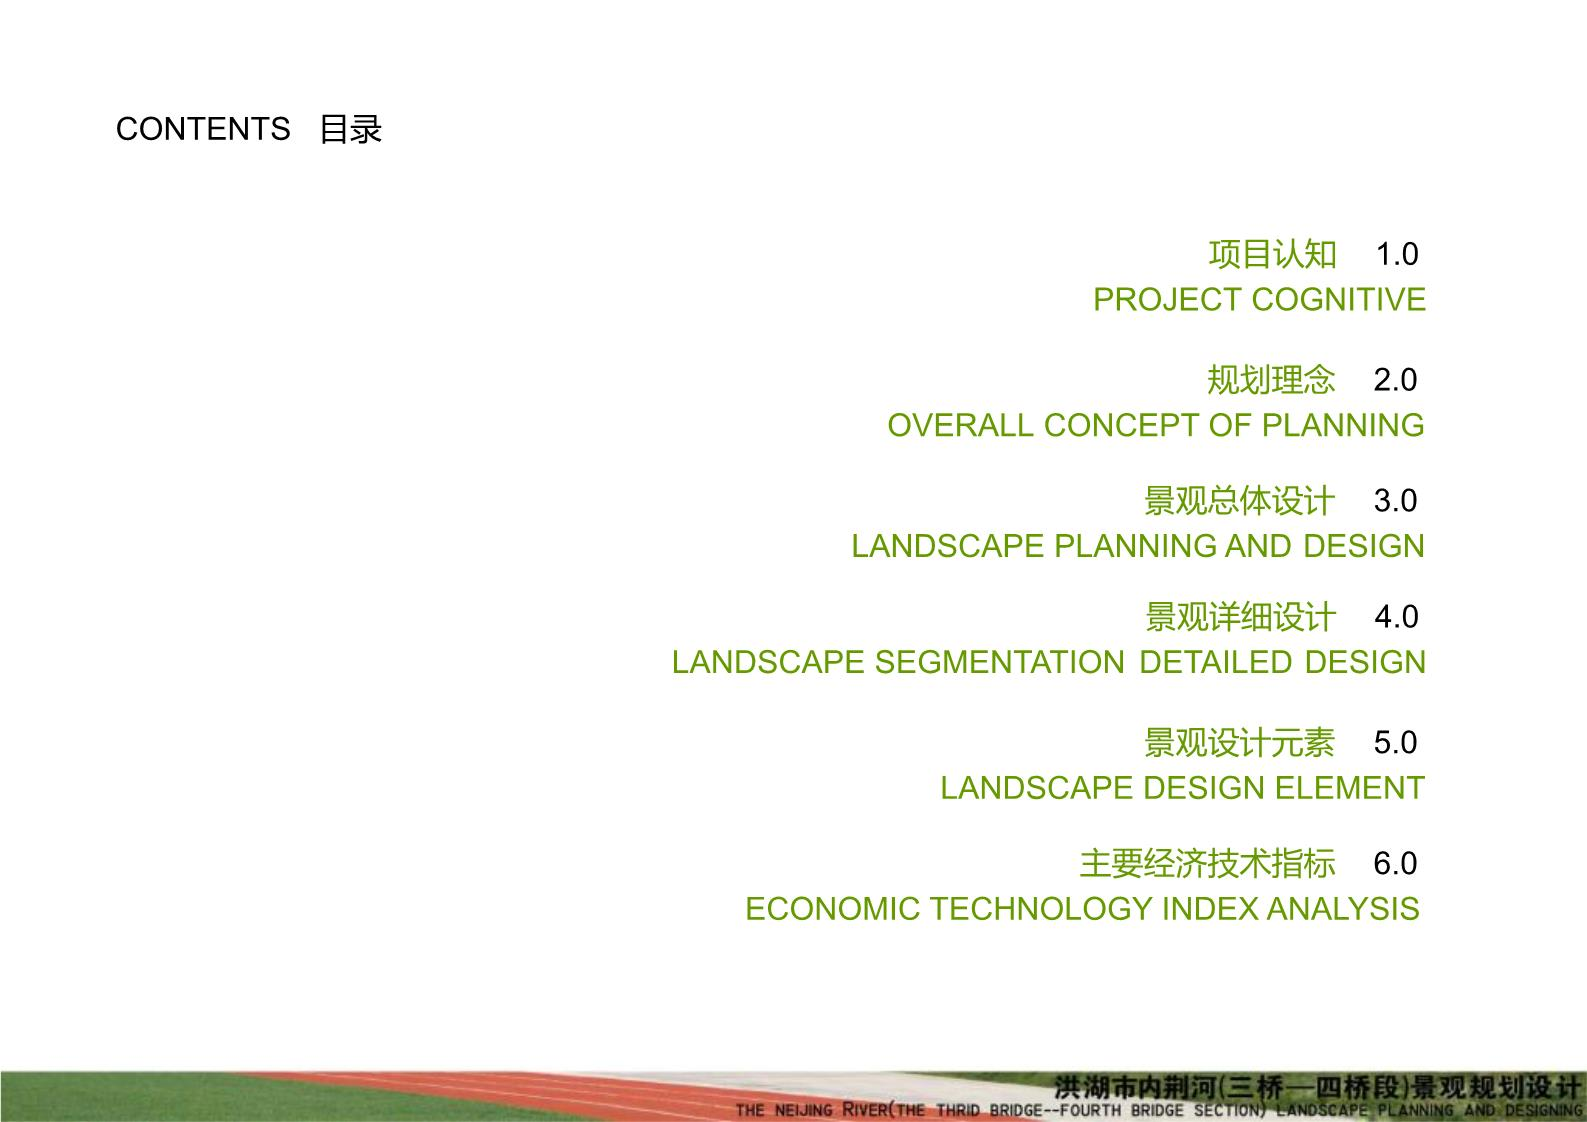 湖沿河景观规划设计.ppt